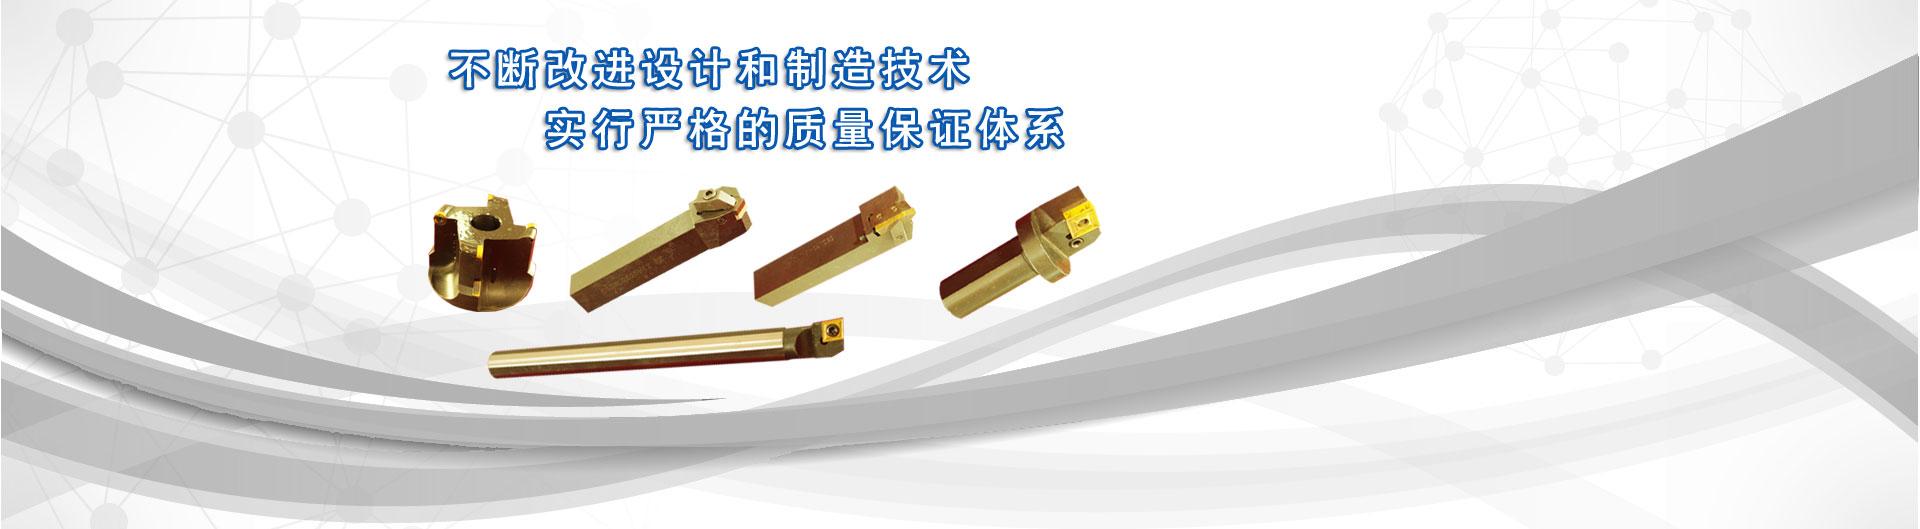 上海杨浦硬质合金工具厂有限公司